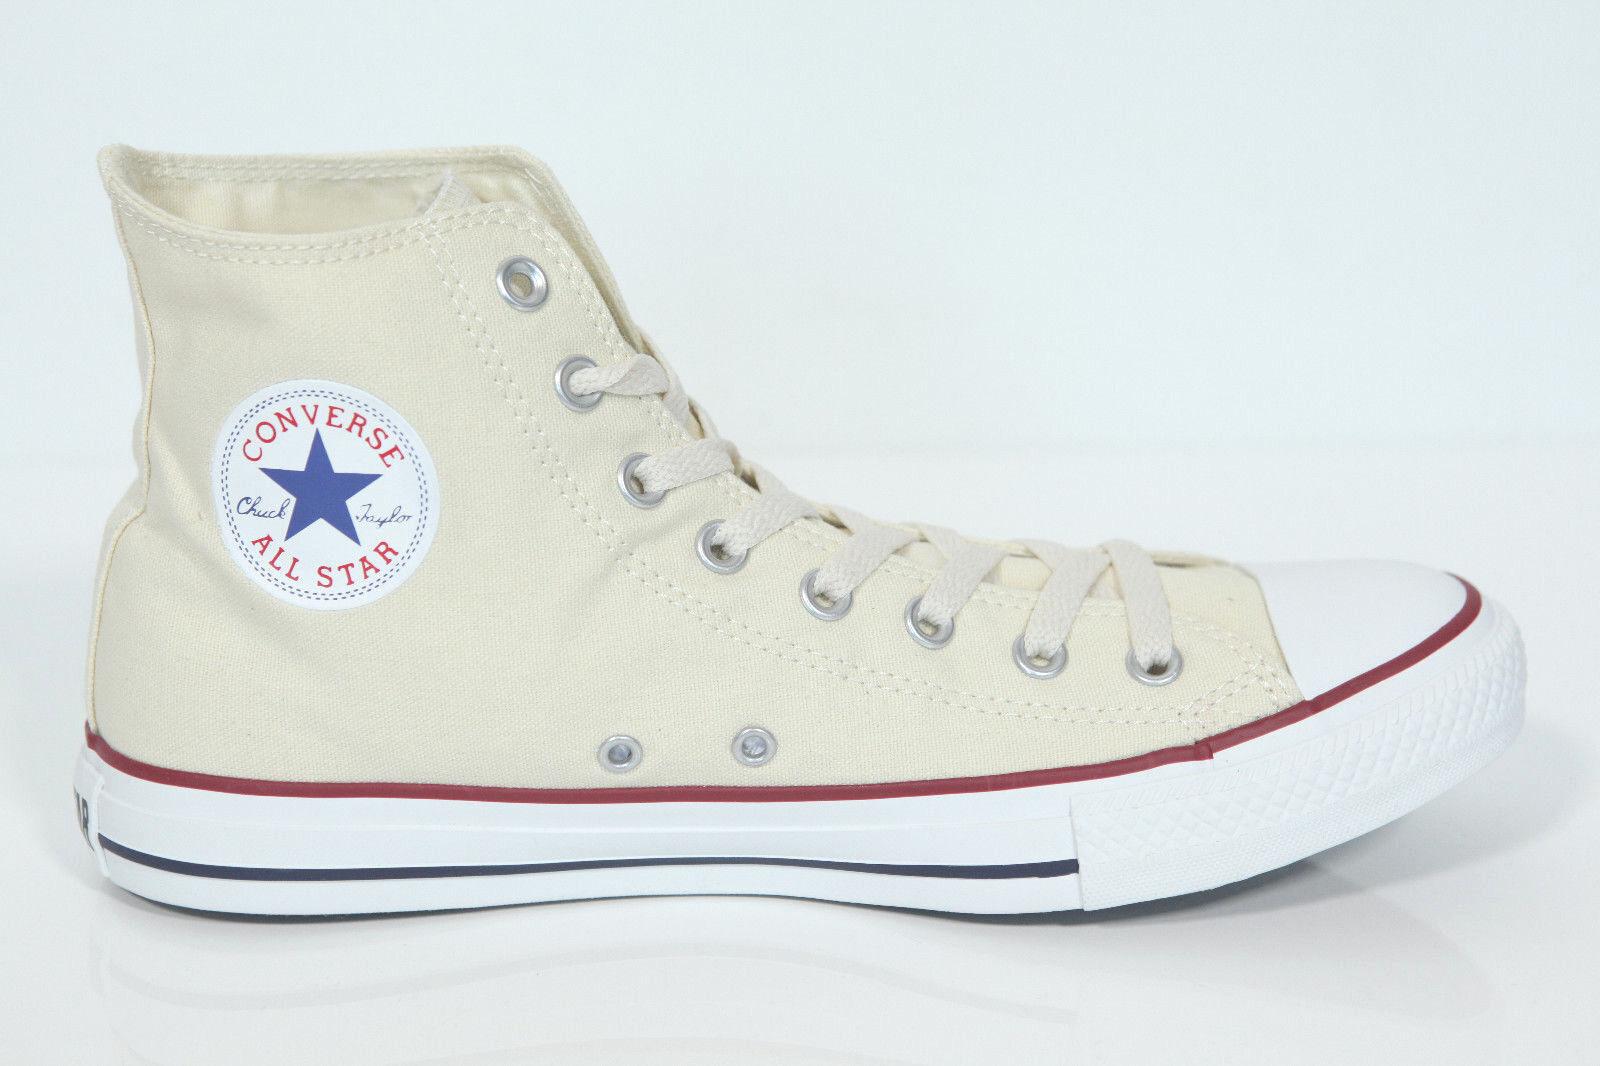 Nuovo tutti estrella Converse Chucks Hi Sautope sautope da ginnastica Ox Bianco-Crema M9162 Gr.46 Sautope classeiche da uomo